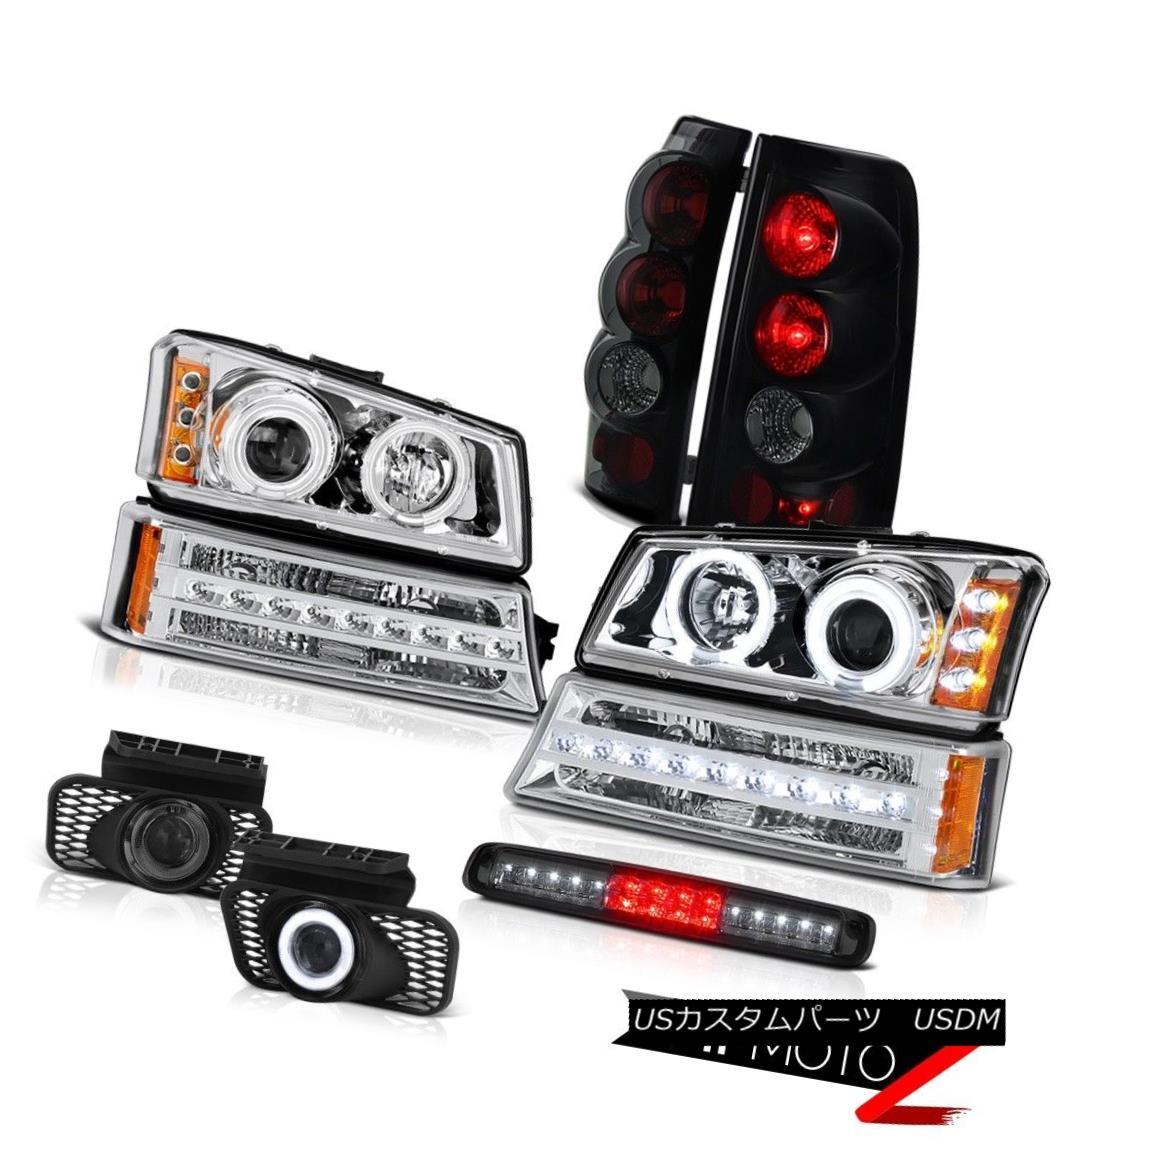 ヘッドライト 03-06 Silverado 2500Hd Roof Brake Lamp Fog Lamps Signal Headlamps Tail Lights 03-06 Silverado 2500Hd屋根用ブレーキランプフォグランプ信号ヘッドライトテールライト